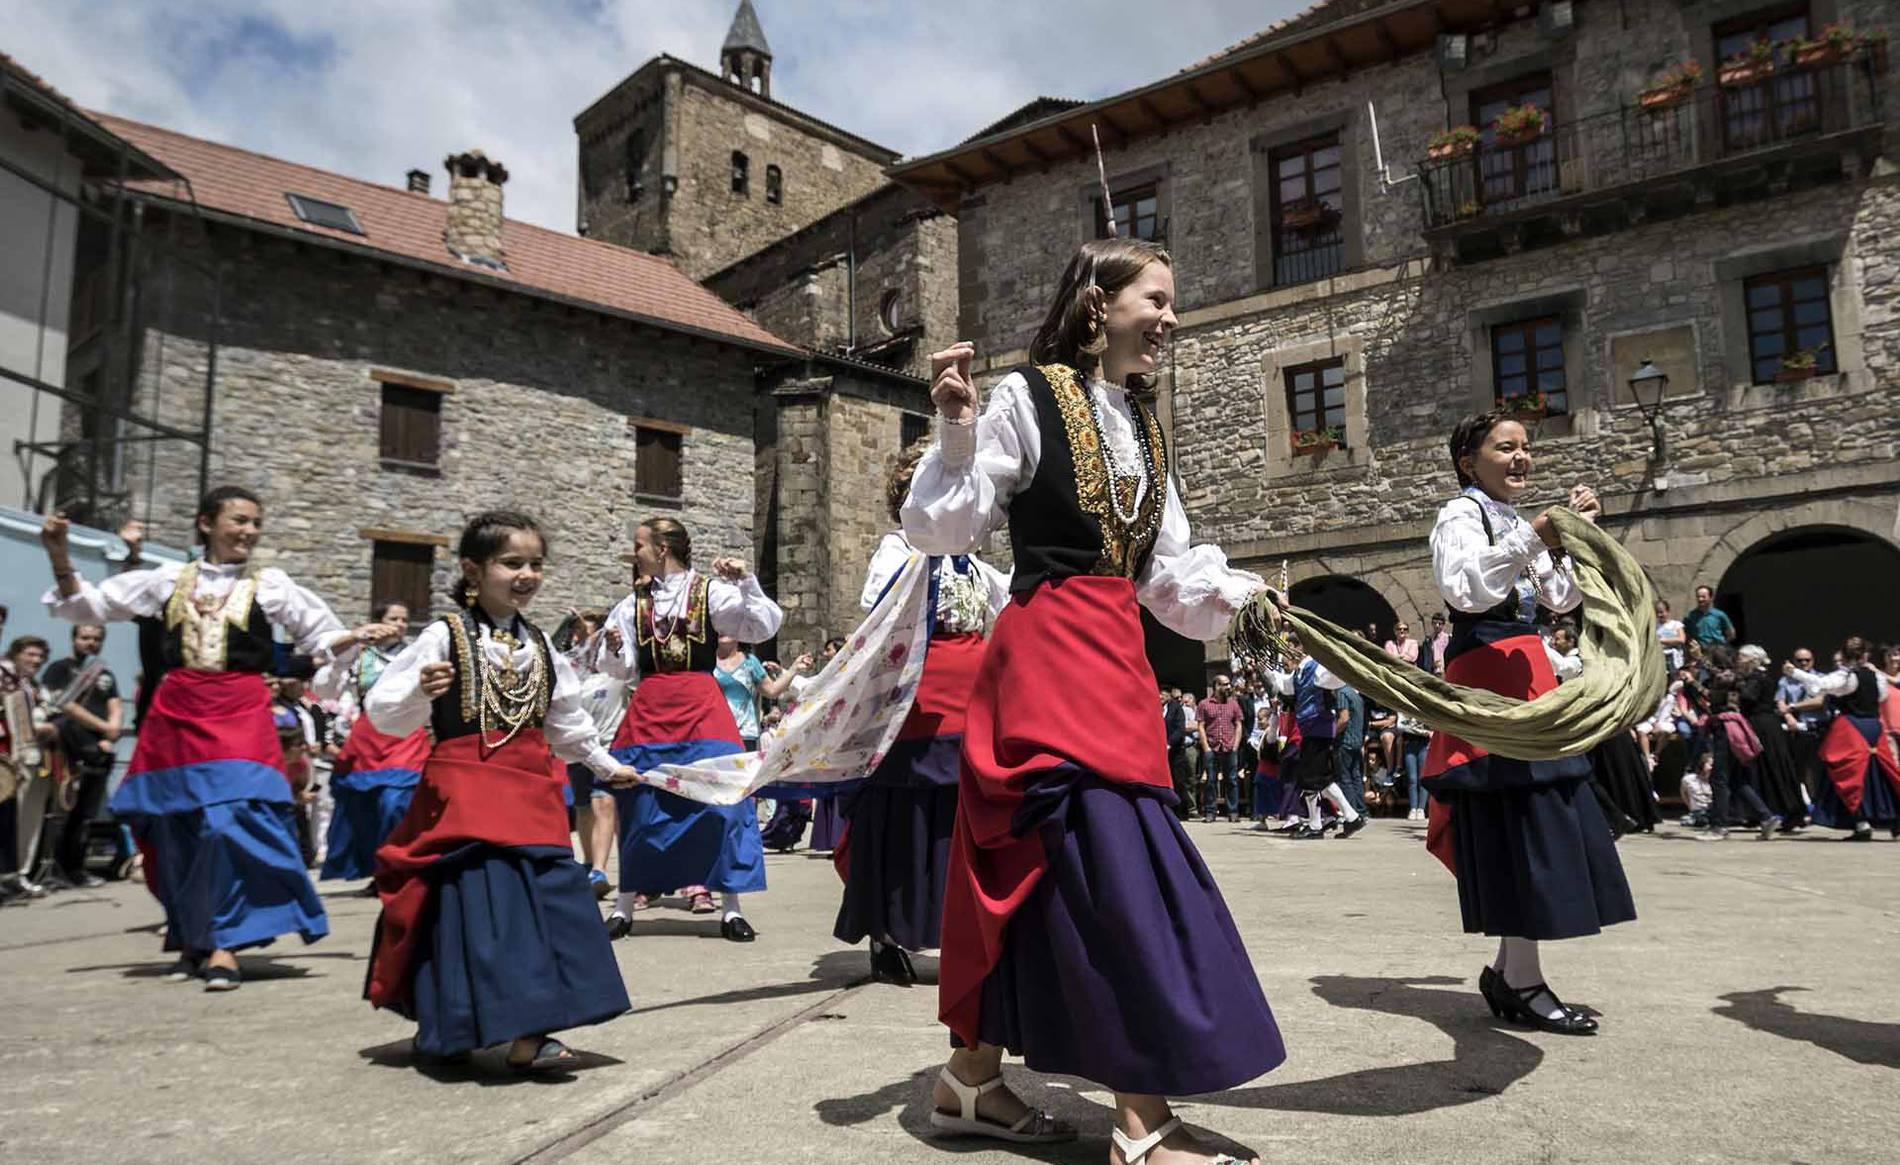 Día grande de las fiestas de Isaba (1/21) - Danzas propias del valle, decenas de personas vistiendo coloristas trajes roncaleses, el baile de la bandera del pueblo... - Zona norte -